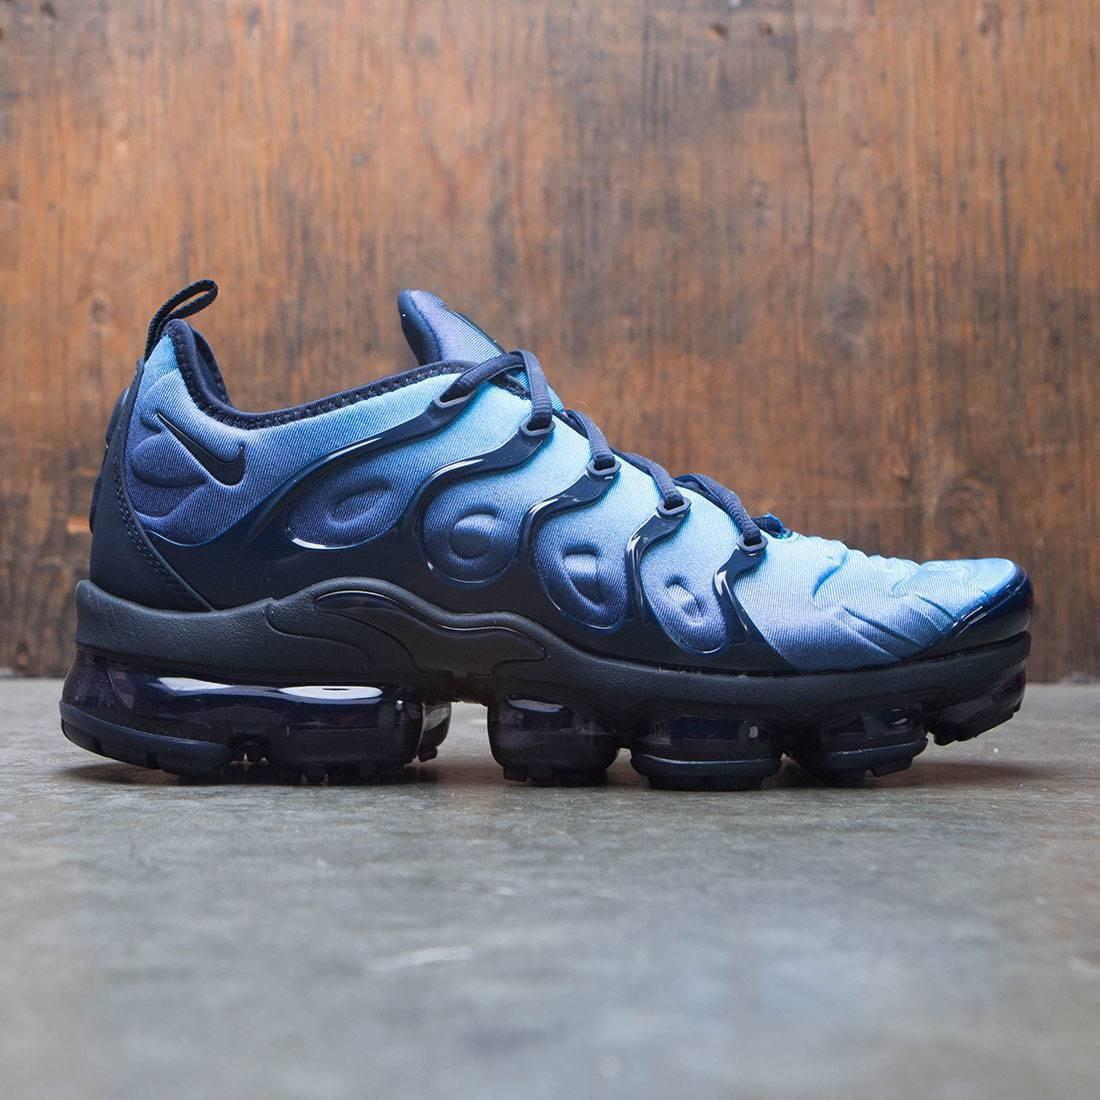 e8c0e6a3e22 Nike Air Vapormax Plus Obsidian   Photo Blue   Black diversys.co.uk